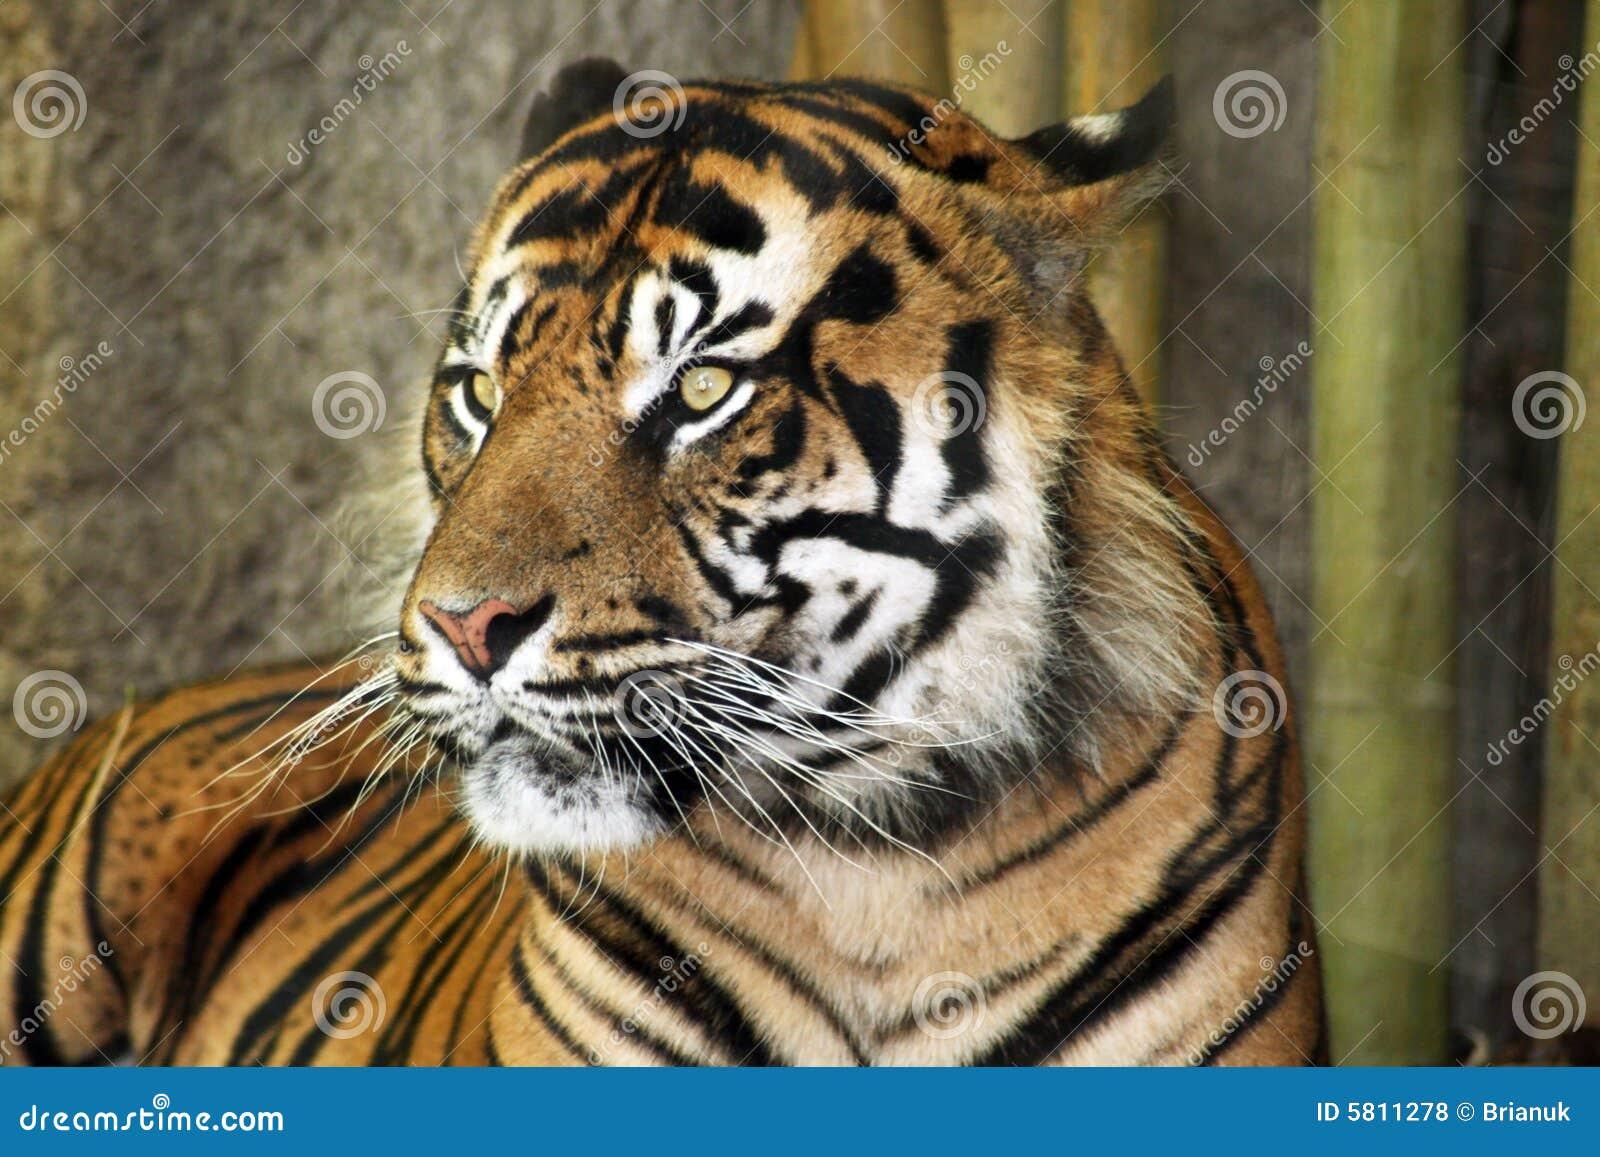 Tigre de bengale photo stock image du tigres verticale - Images tigres gratuites ...